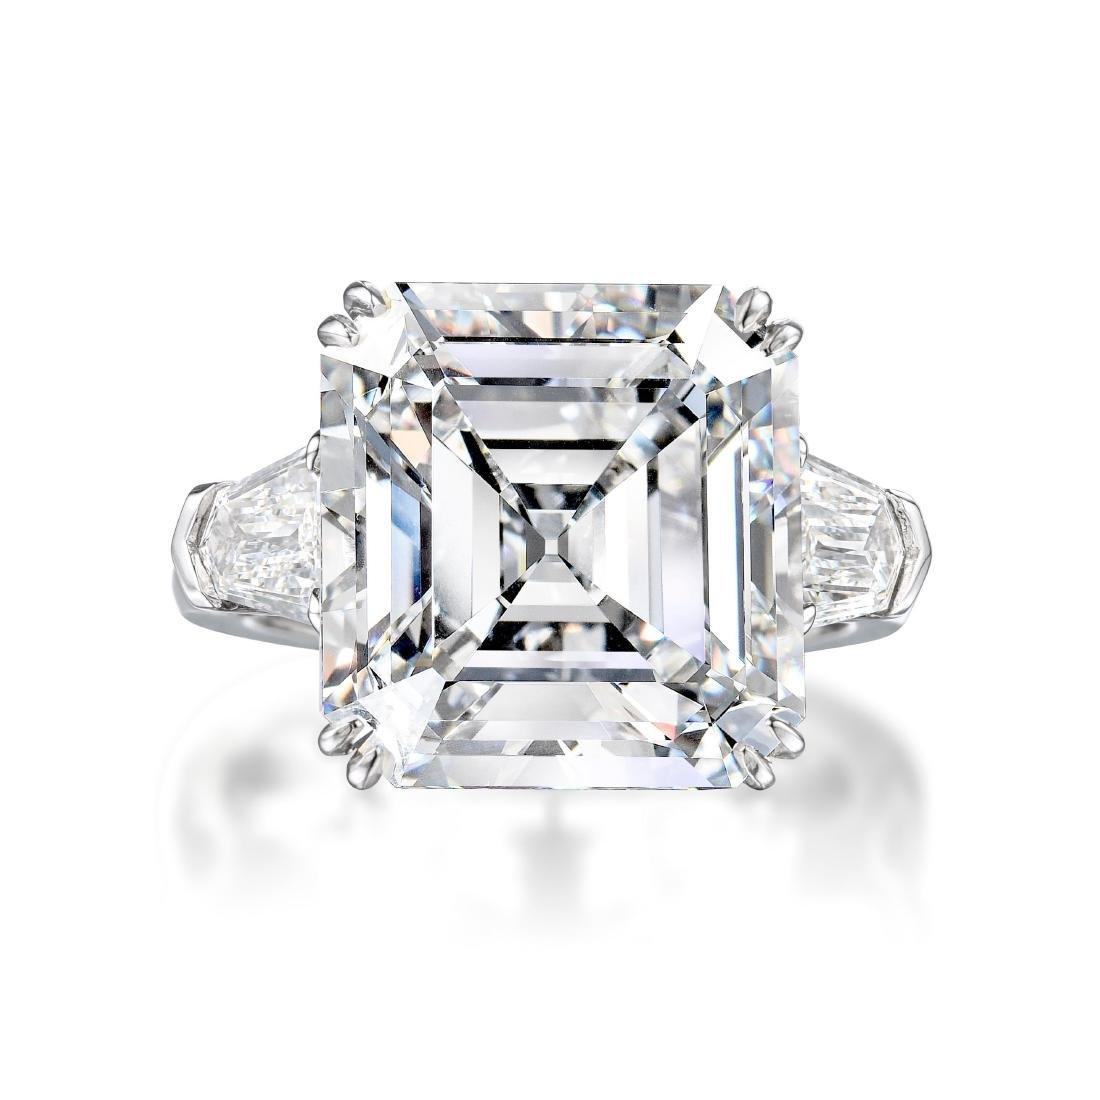 A 10.67-Carat D IF Asscher-Cut Diamond Ring - 2